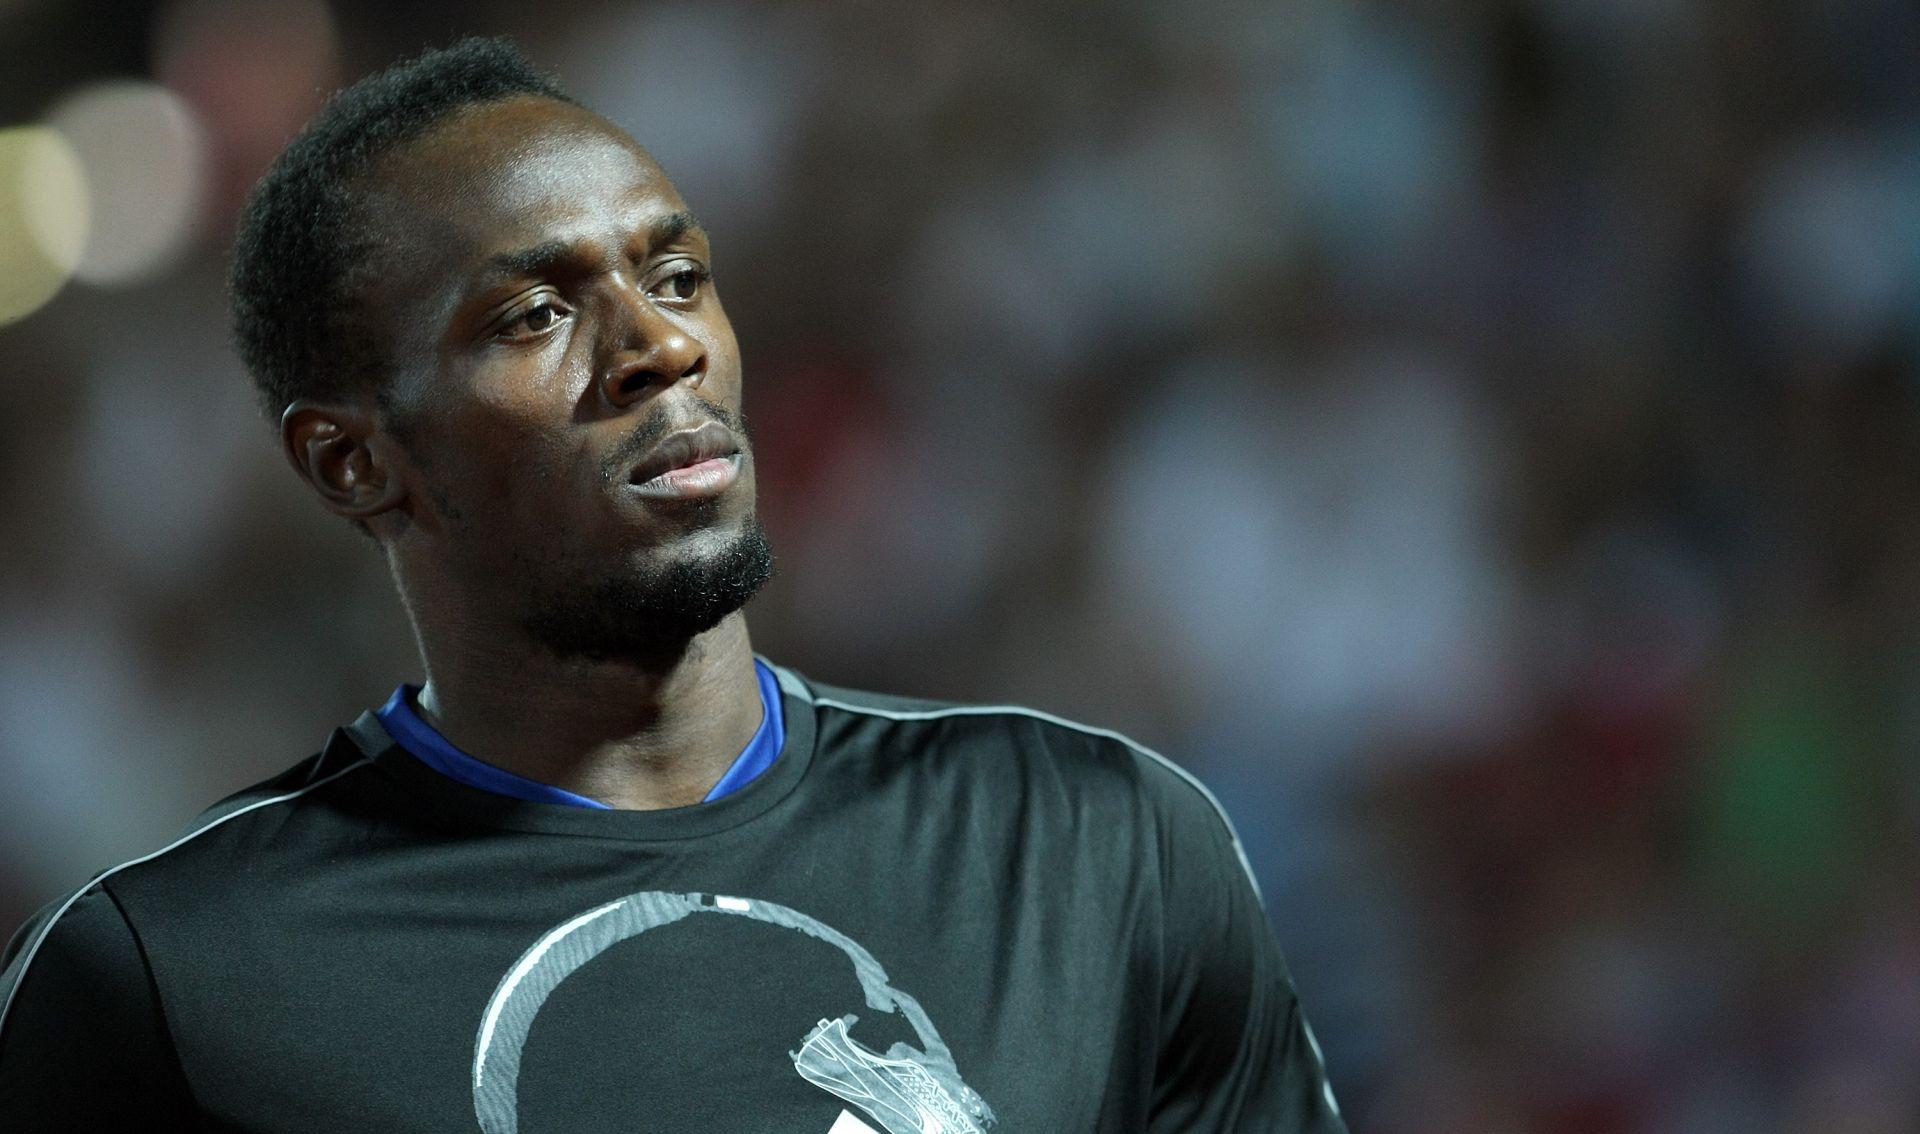 Usain Bolt putuje na Olimpijske igre, pomoć potražio u Francuskoj